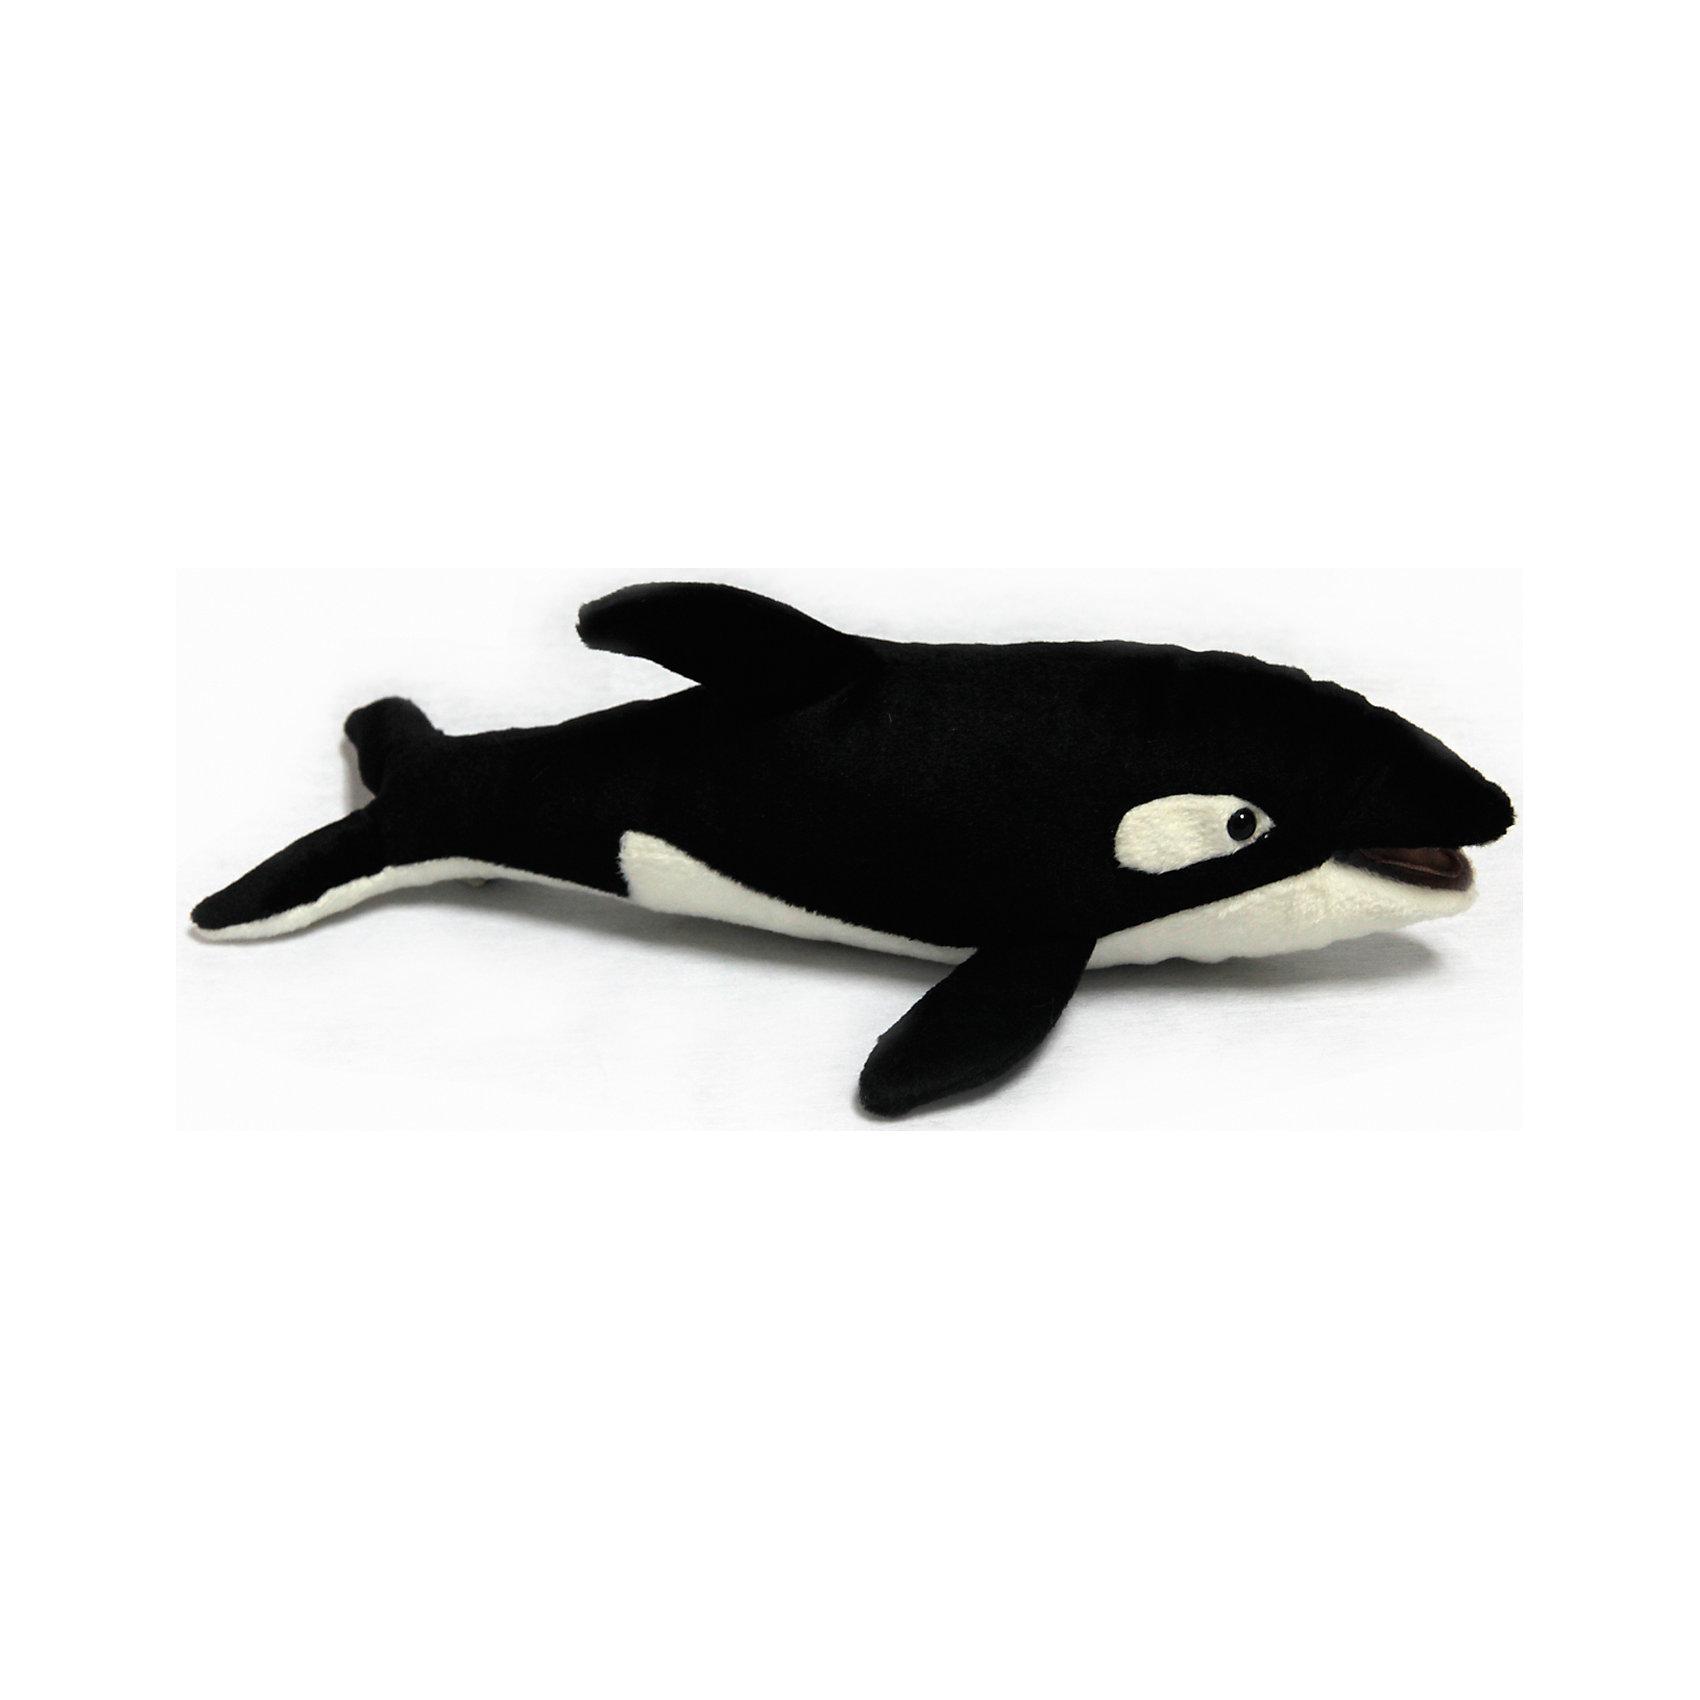 Косатка, 33 смКосатка, 33 см – игрушка от знаменитого бренда Hansa, специализирующегося на выпуске мягких игрушек с высокой степенью натуралистичности. Внешний вид игрушки полностью соответствует своему реальному прототипу – косатке. Она выполнена из искусственного меха черного и белого цвета с коротким ворсом. Использованные материалы обладают гипоаллергенными свойствами. Внутри игрушки имеется металлический каркас, позволяющий изменять положение. <br>Игрушка относится к серии Дикие животные. <br>Мягкие игрушки от Hansa подходят для сюжетно-ролевых игр, для обучающих игр, направленных на знакомство с животным миром дикой природы. Кроме того, их можно использовать в качестве интерьерных игрушек. Коллекция из нескольких игрушек позволяет создать свой домашний зоопарк, который будет радовать вашего ребенка долгое время, так как ручная работа и качественные материалы гарантируют их долговечность и прочность.<br><br>Дополнительная информация:<br><br>- Вид игр: сюжетно-ролевые игры, коллекционирование, интерьерные игрушки<br>- Предназначение: для дома, для детских развивающих центров, для детских садов<br>- Материал: искусственный мех, наполнитель ? полиэфирное волокно<br>- Размер (ДхШхВ): 33*11*16 см<br>- Вес: 100 г<br>- Особенности ухода: сухая чистка при помощи пылесоса или щетки для одежды<br><br>Подробнее:<br><br>• Для детей в возрасте: от 3 лет <br>• Страна производитель: Филиппины<br>• Торговый бренд: Hansa<br><br>Косатку, 33 см можно купить в нашем интернет-магазине.<br><br>Ширина мм: 33<br>Глубина мм: 11<br>Высота мм: 16<br>Вес г: 100<br>Возраст от месяцев: 36<br>Возраст до месяцев: 2147483647<br>Пол: Унисекс<br>Возраст: Детский<br>SKU: 4927222